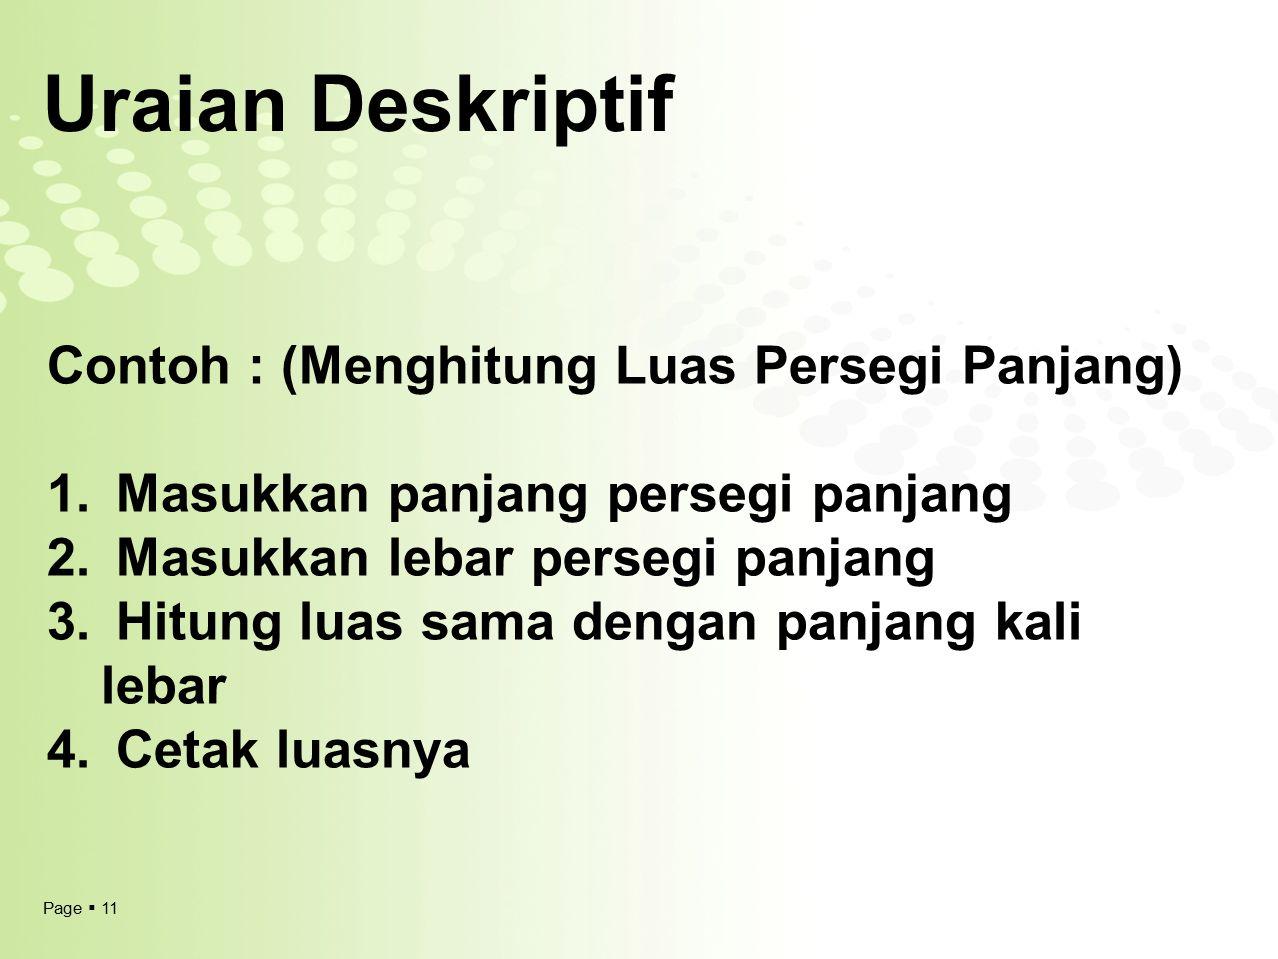 Uraian Deskriptif Contoh : (Menghitung Luas Persegi Panjang)